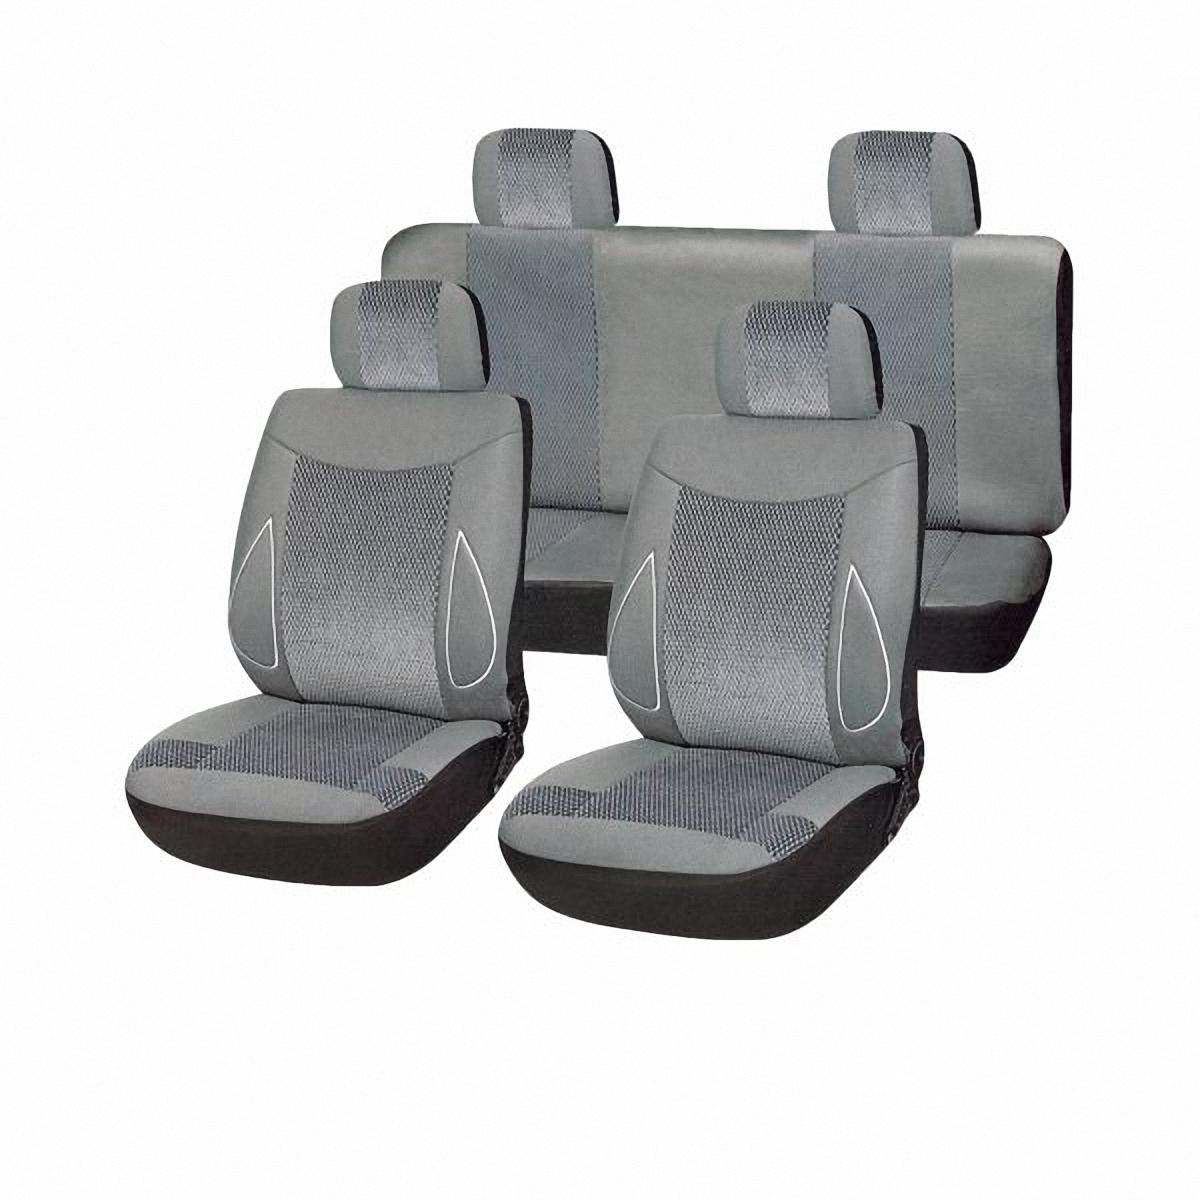 Чехлы автомобильные Skyway. SW-101083 GY/S01301002CA-3505Комплект классических универсальных автомобильных чехлов Skyway изготовлен из велюра. Чехлы защитят обивку сидений от вытирания и выцветания. Благодаря структуре ткани, обеспечивается улучшенная вентиляция кресел, что позволяет сделать более комфортными долгое пребывание за рулем во время дальней поездки.